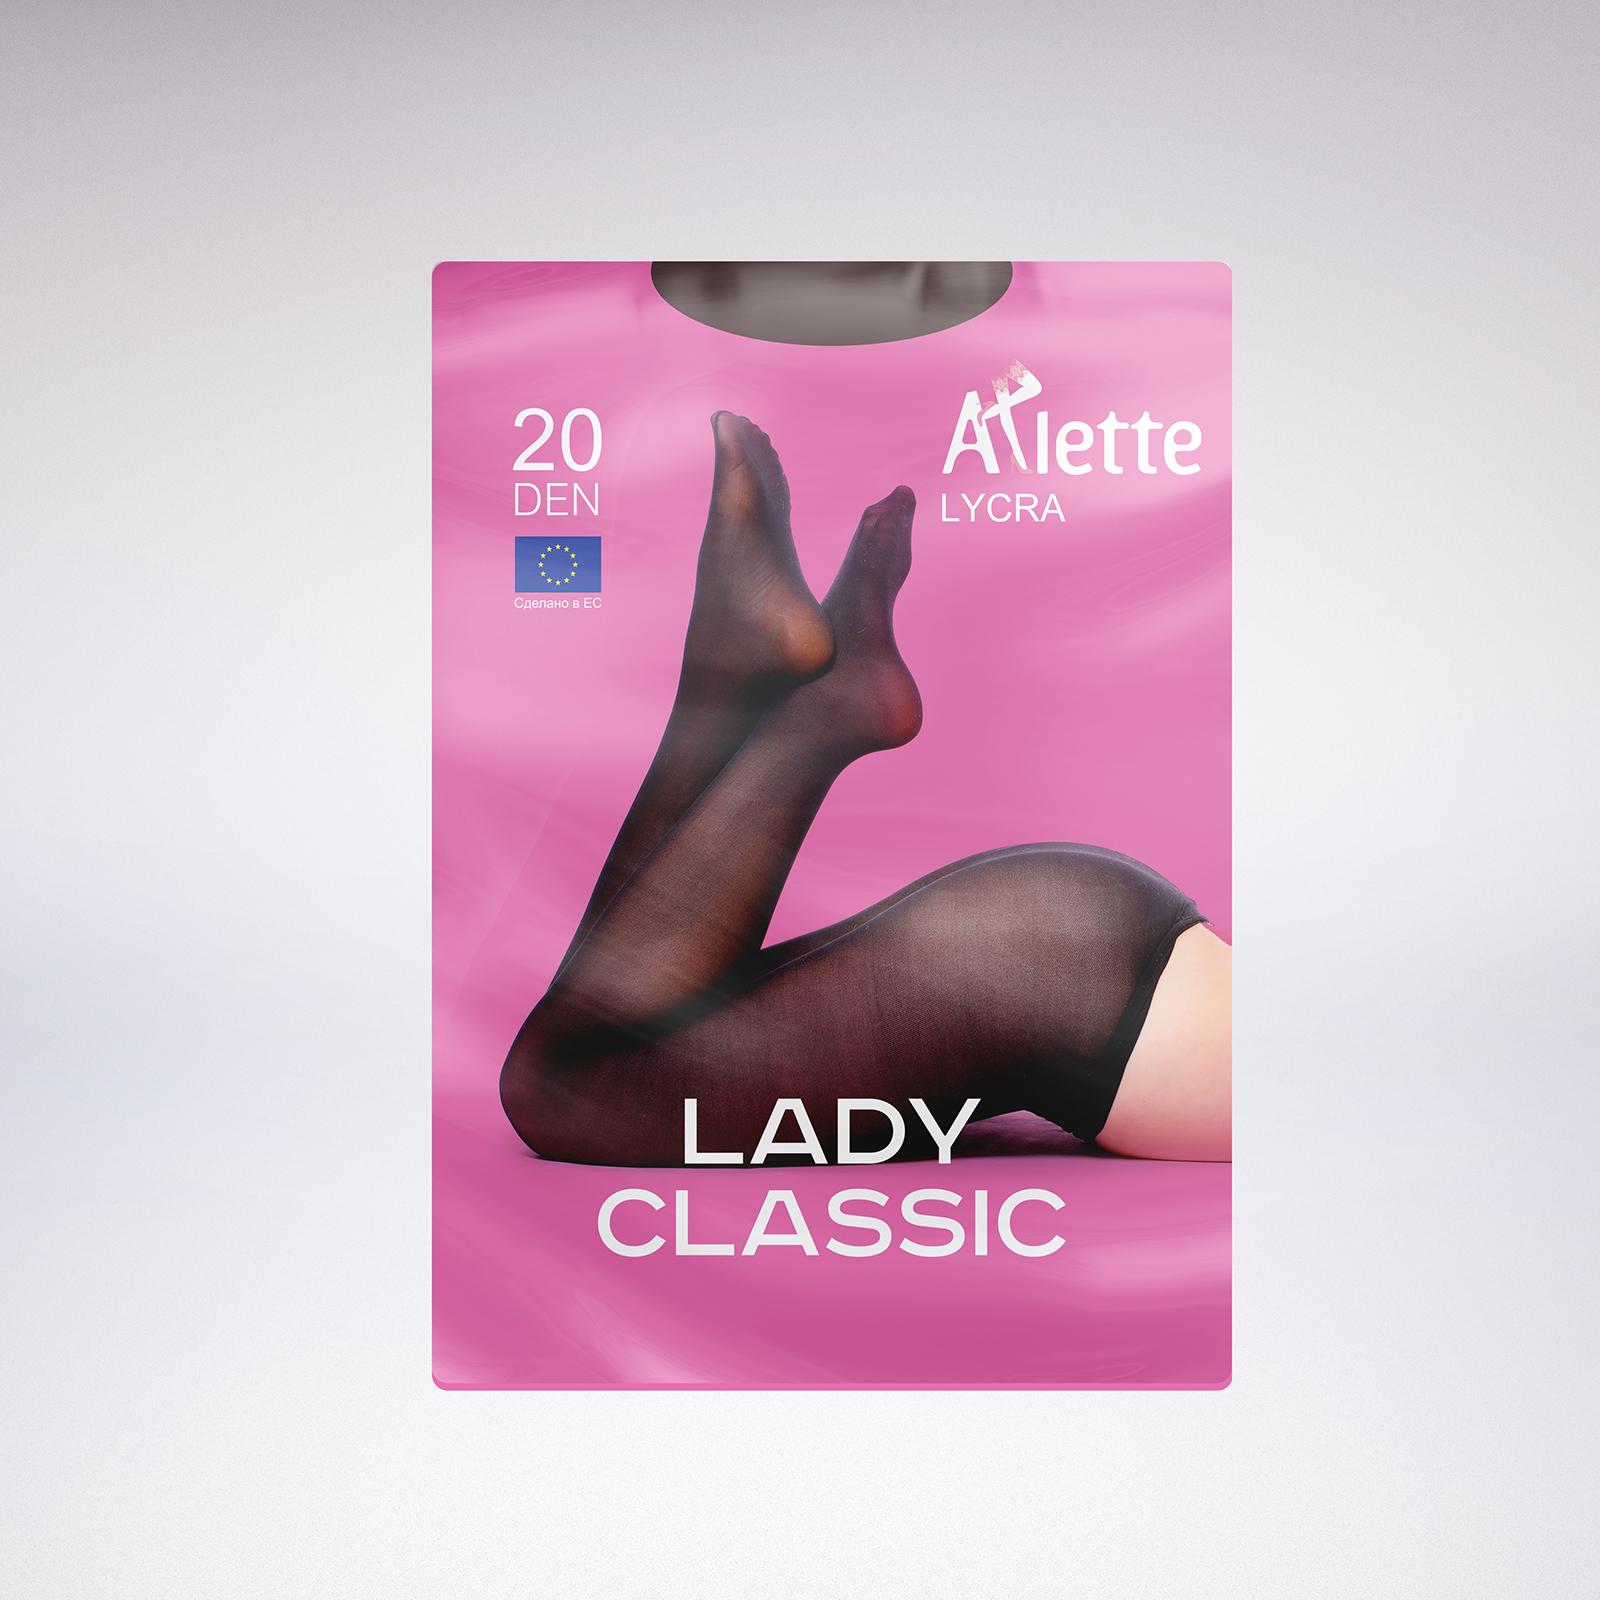 Дизайн упаковки женских колготок фото f_56859988a420013d.jpg